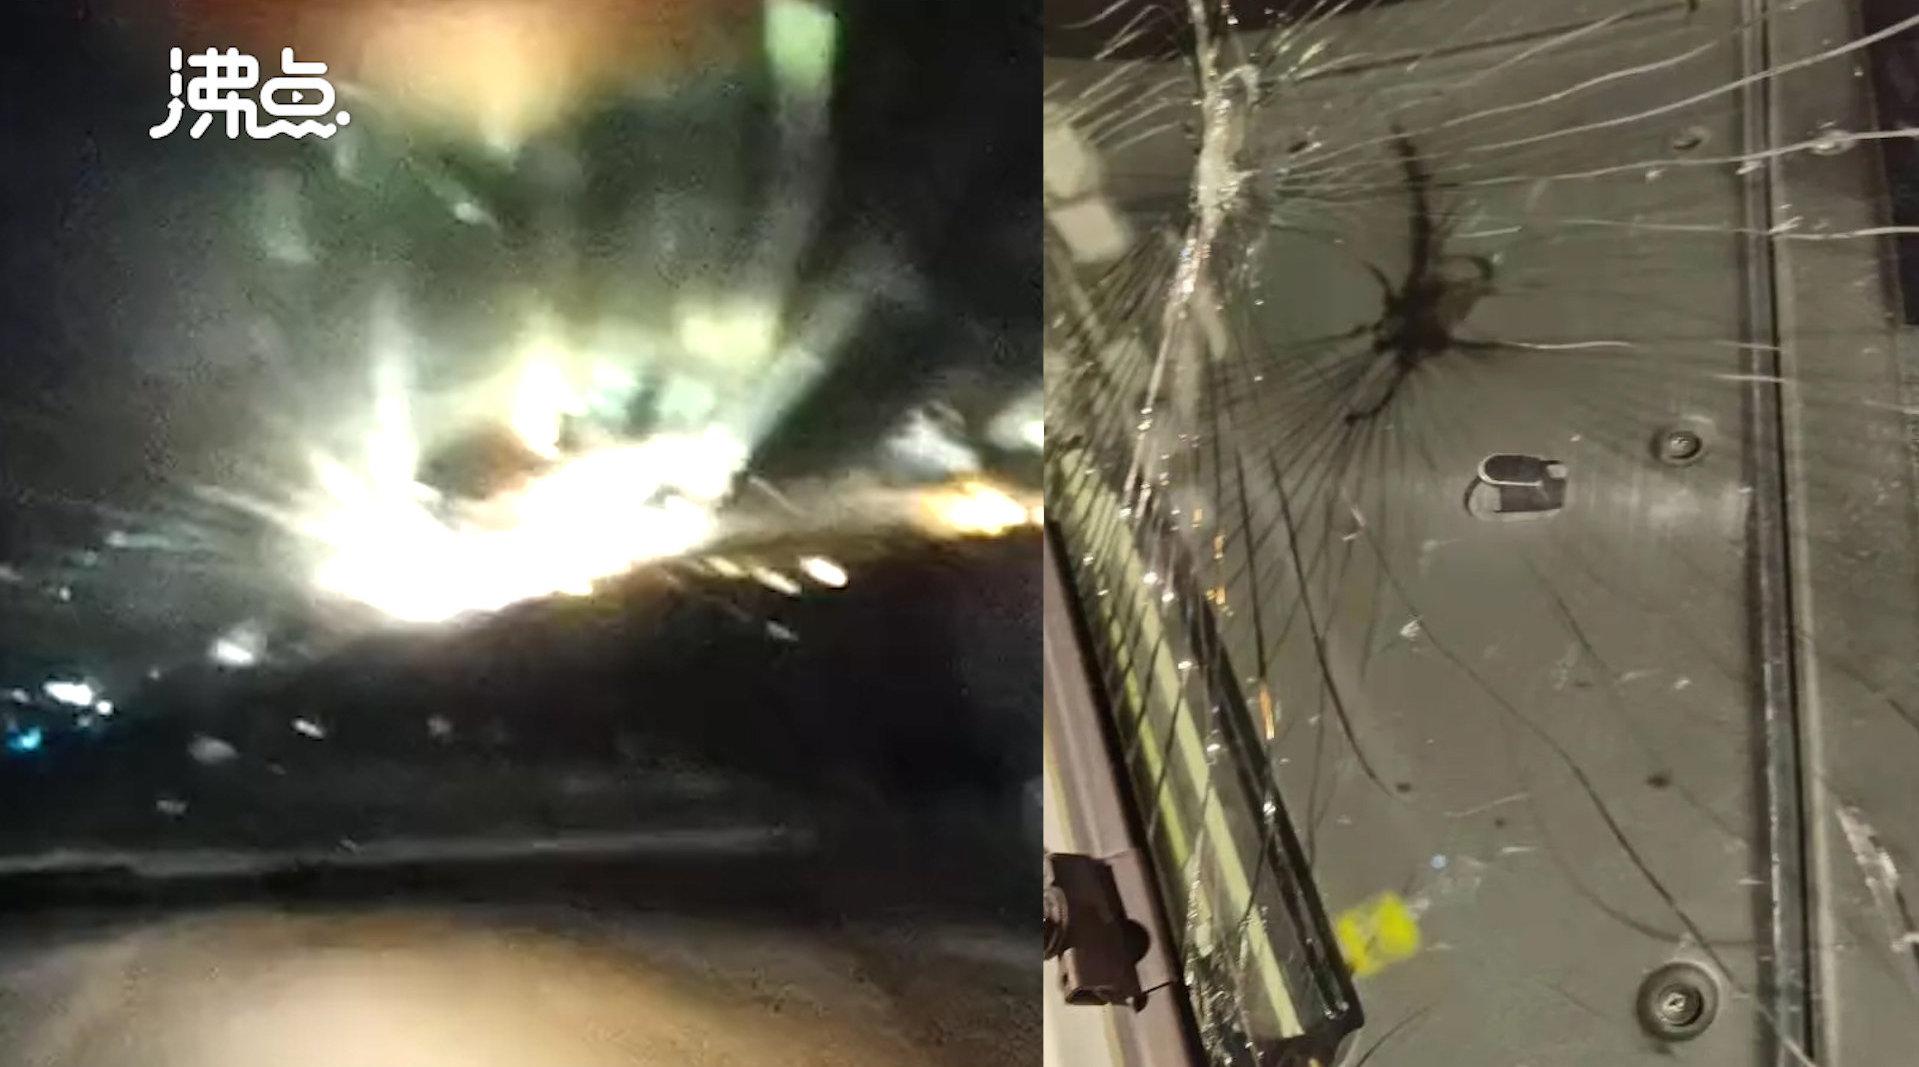 江西航空客机玻璃万米高空破裂 副驾驶拍下惊险瞬间